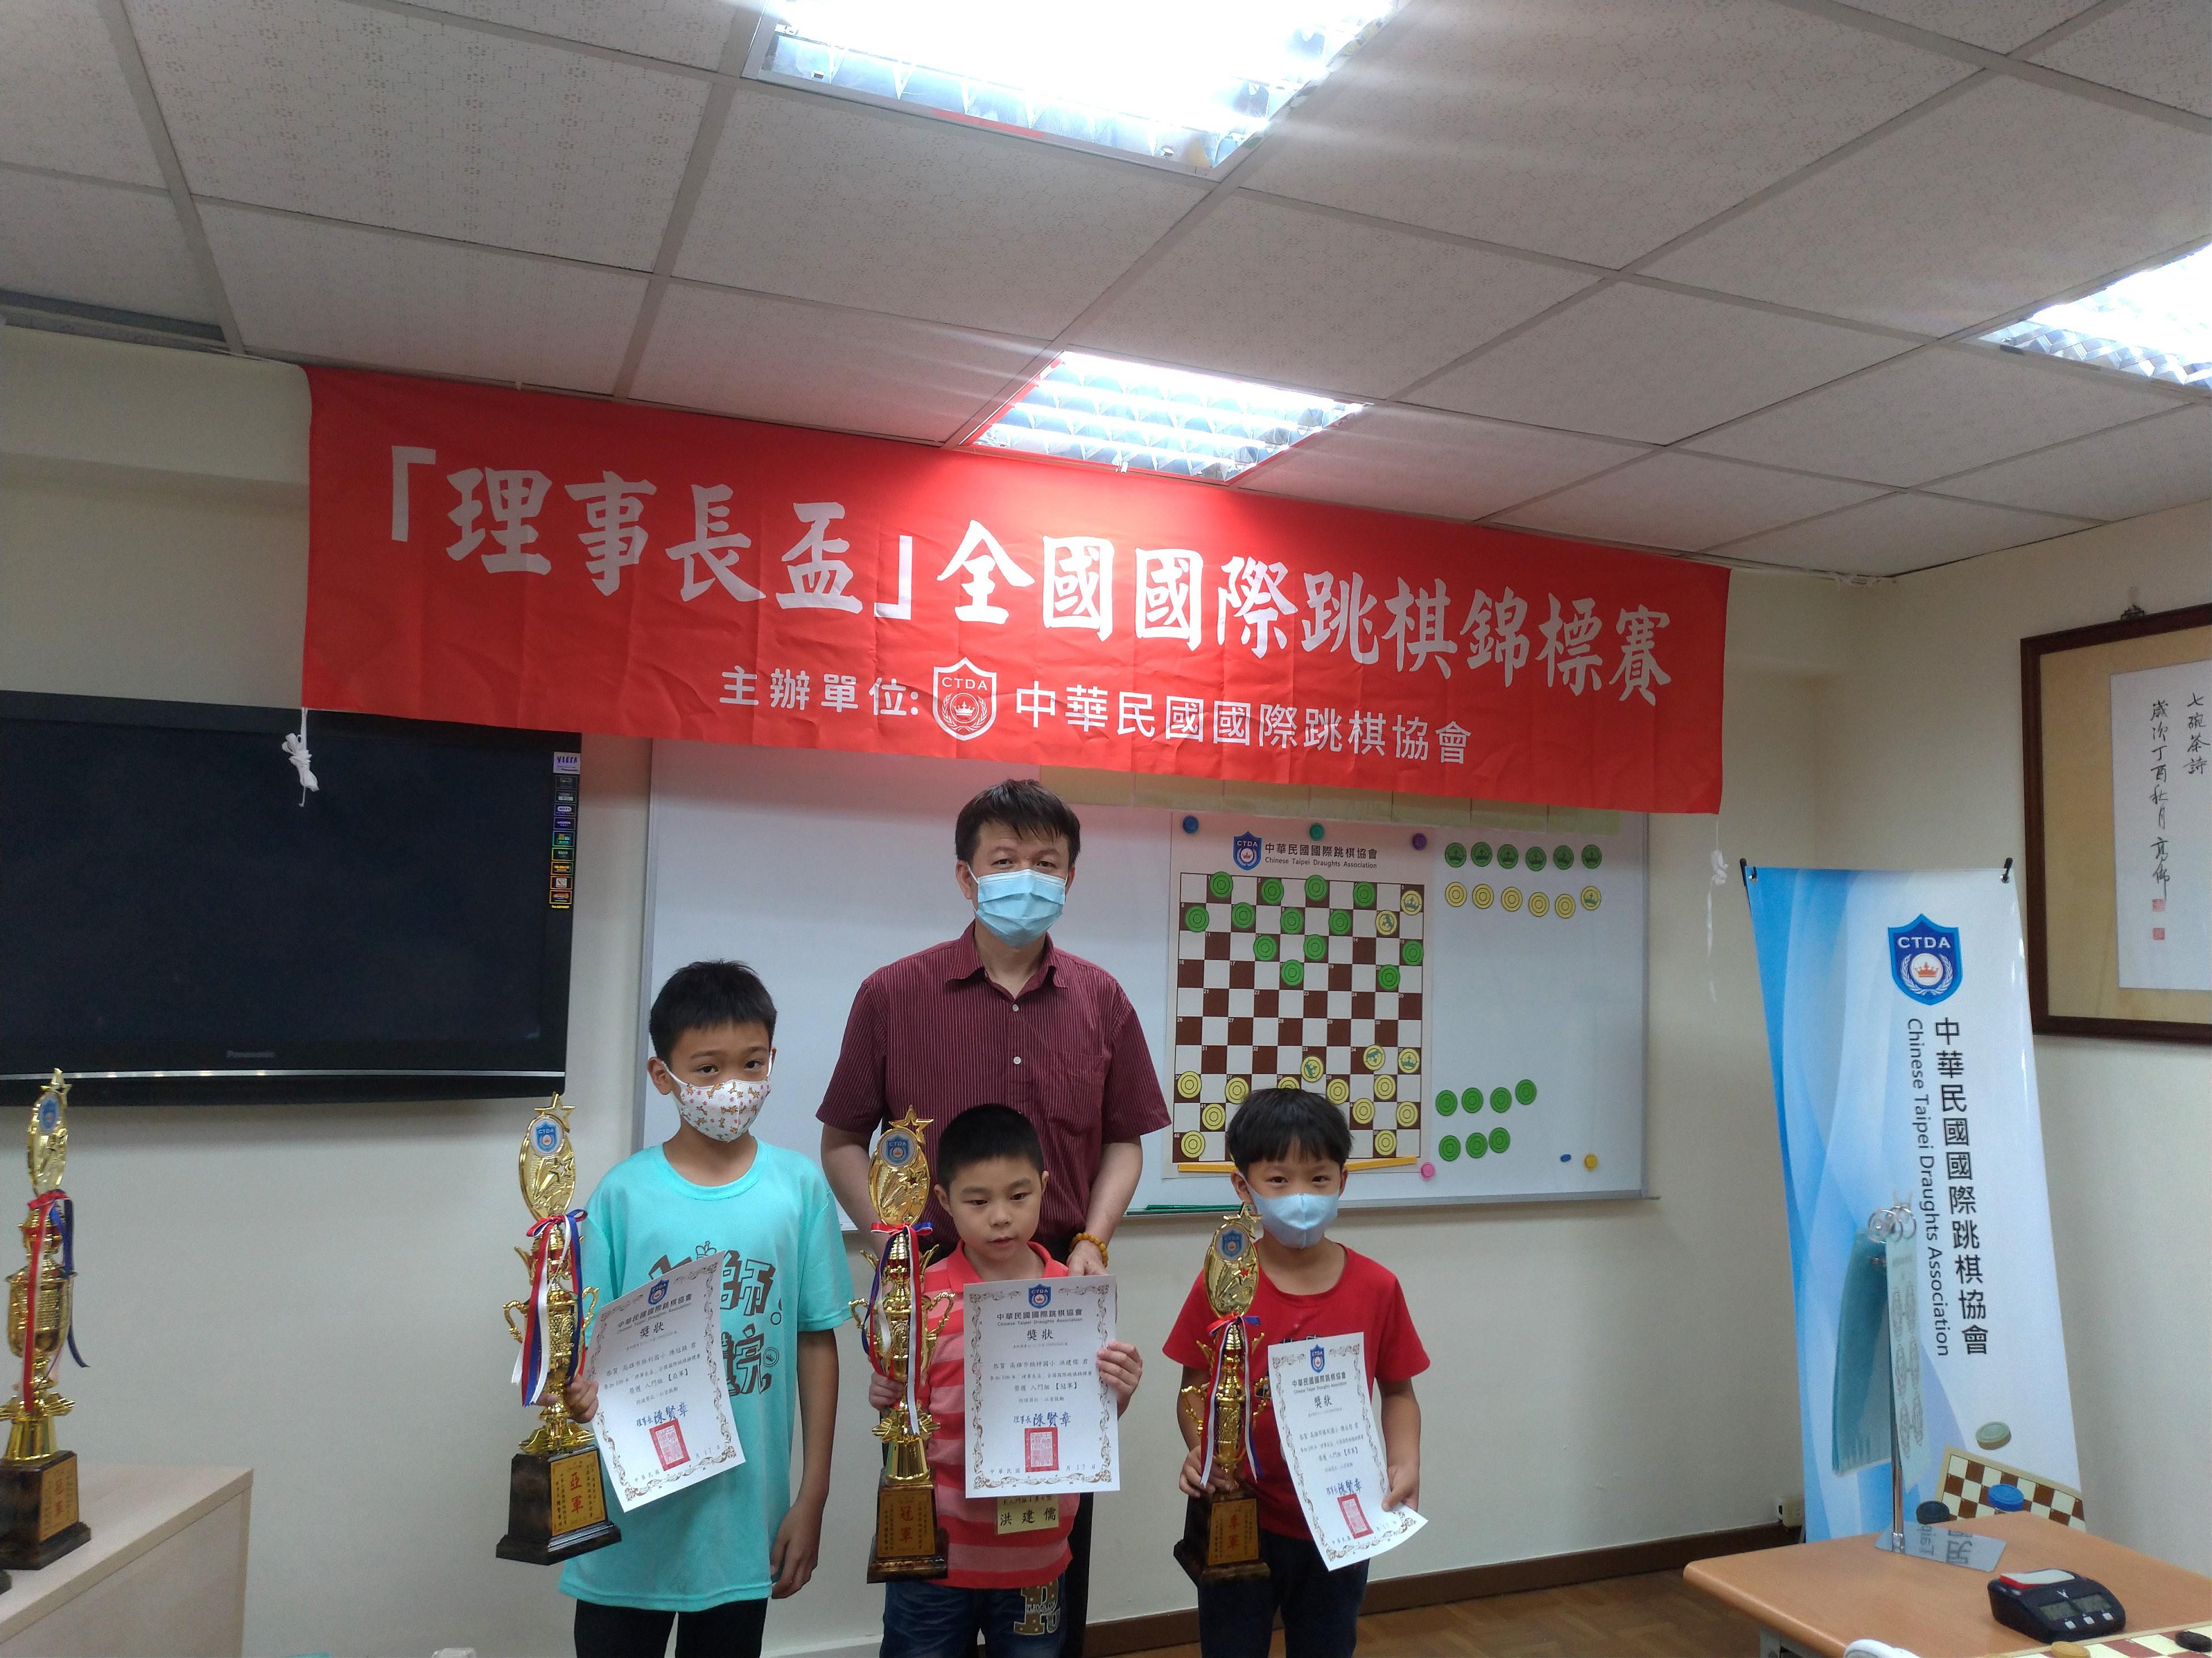 2019-01-03 – 中華民國國際跳棋協會